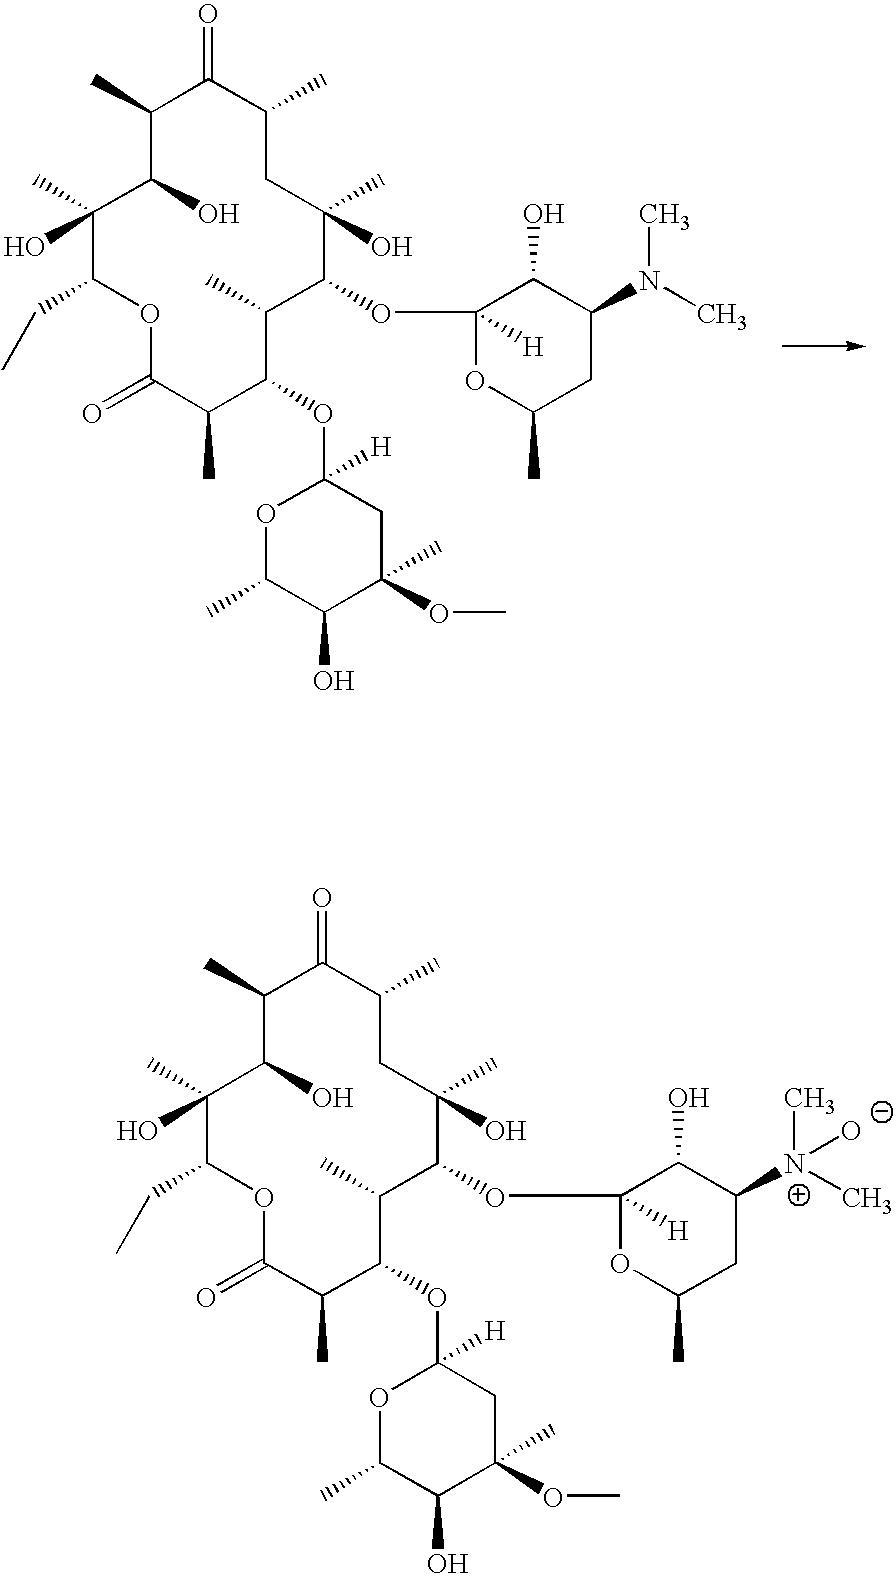 Figure US20070281894A1-20071206-C00035